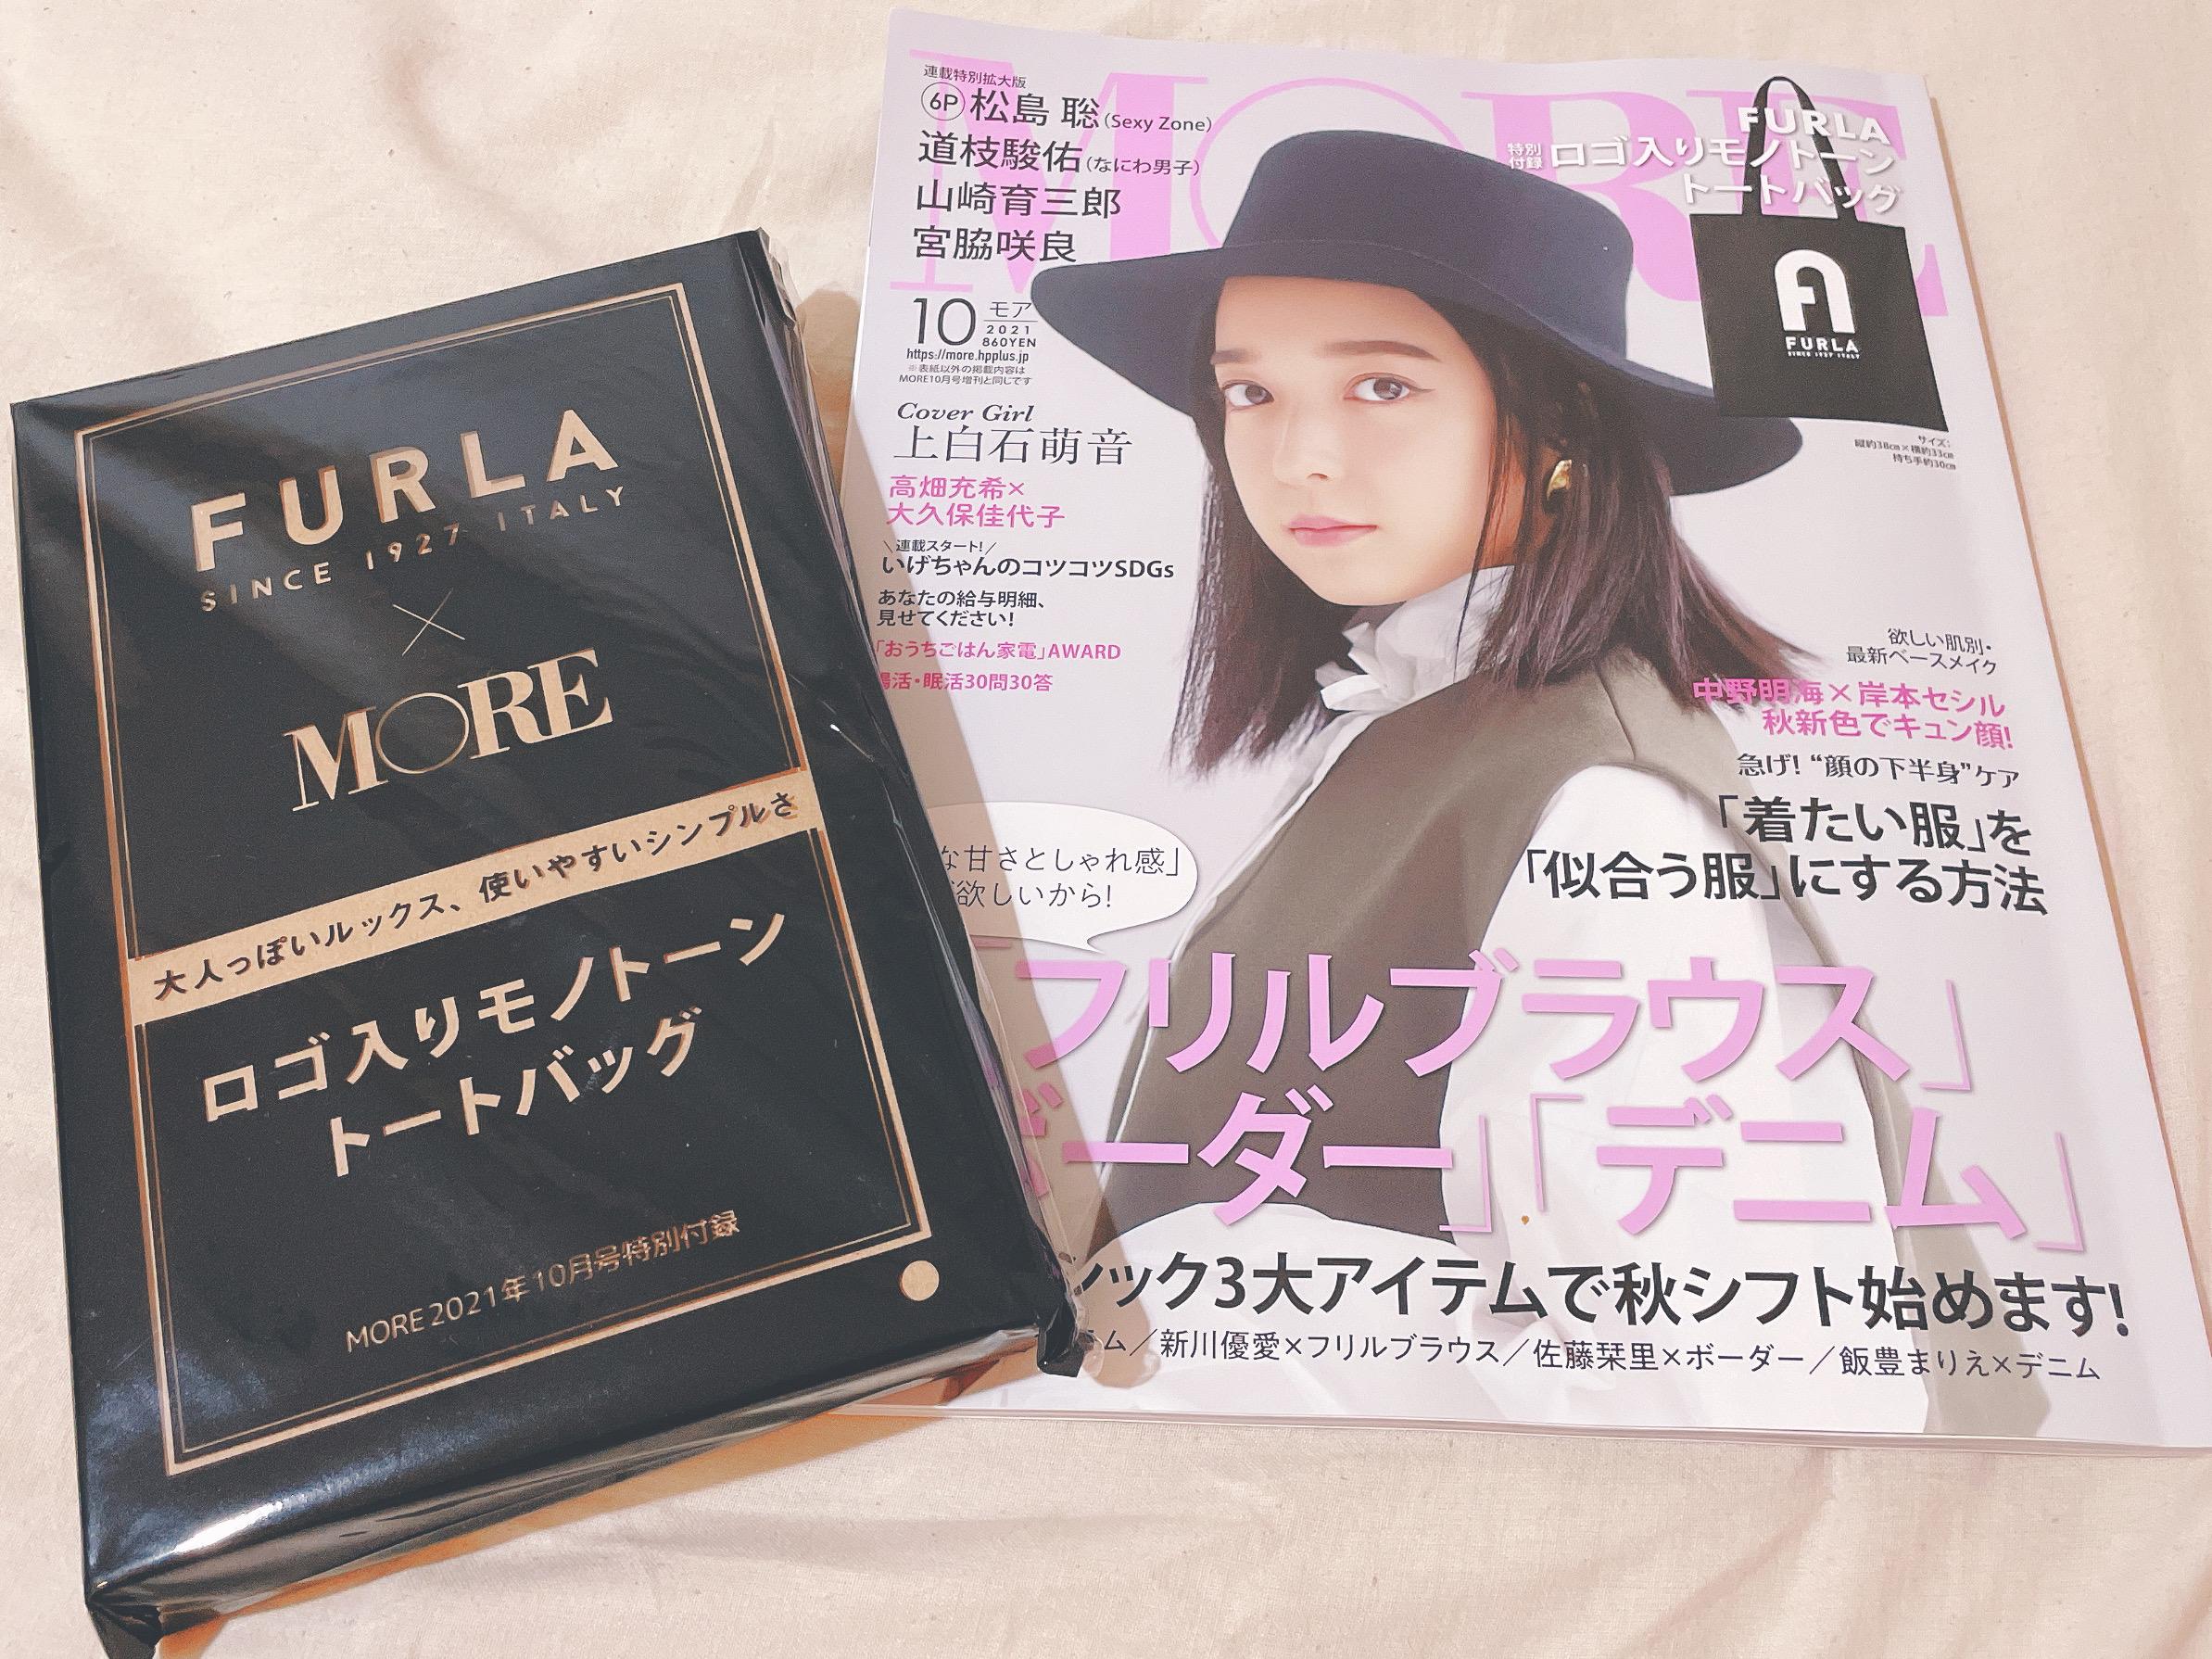 MORE11月号、女性が表紙の雑誌